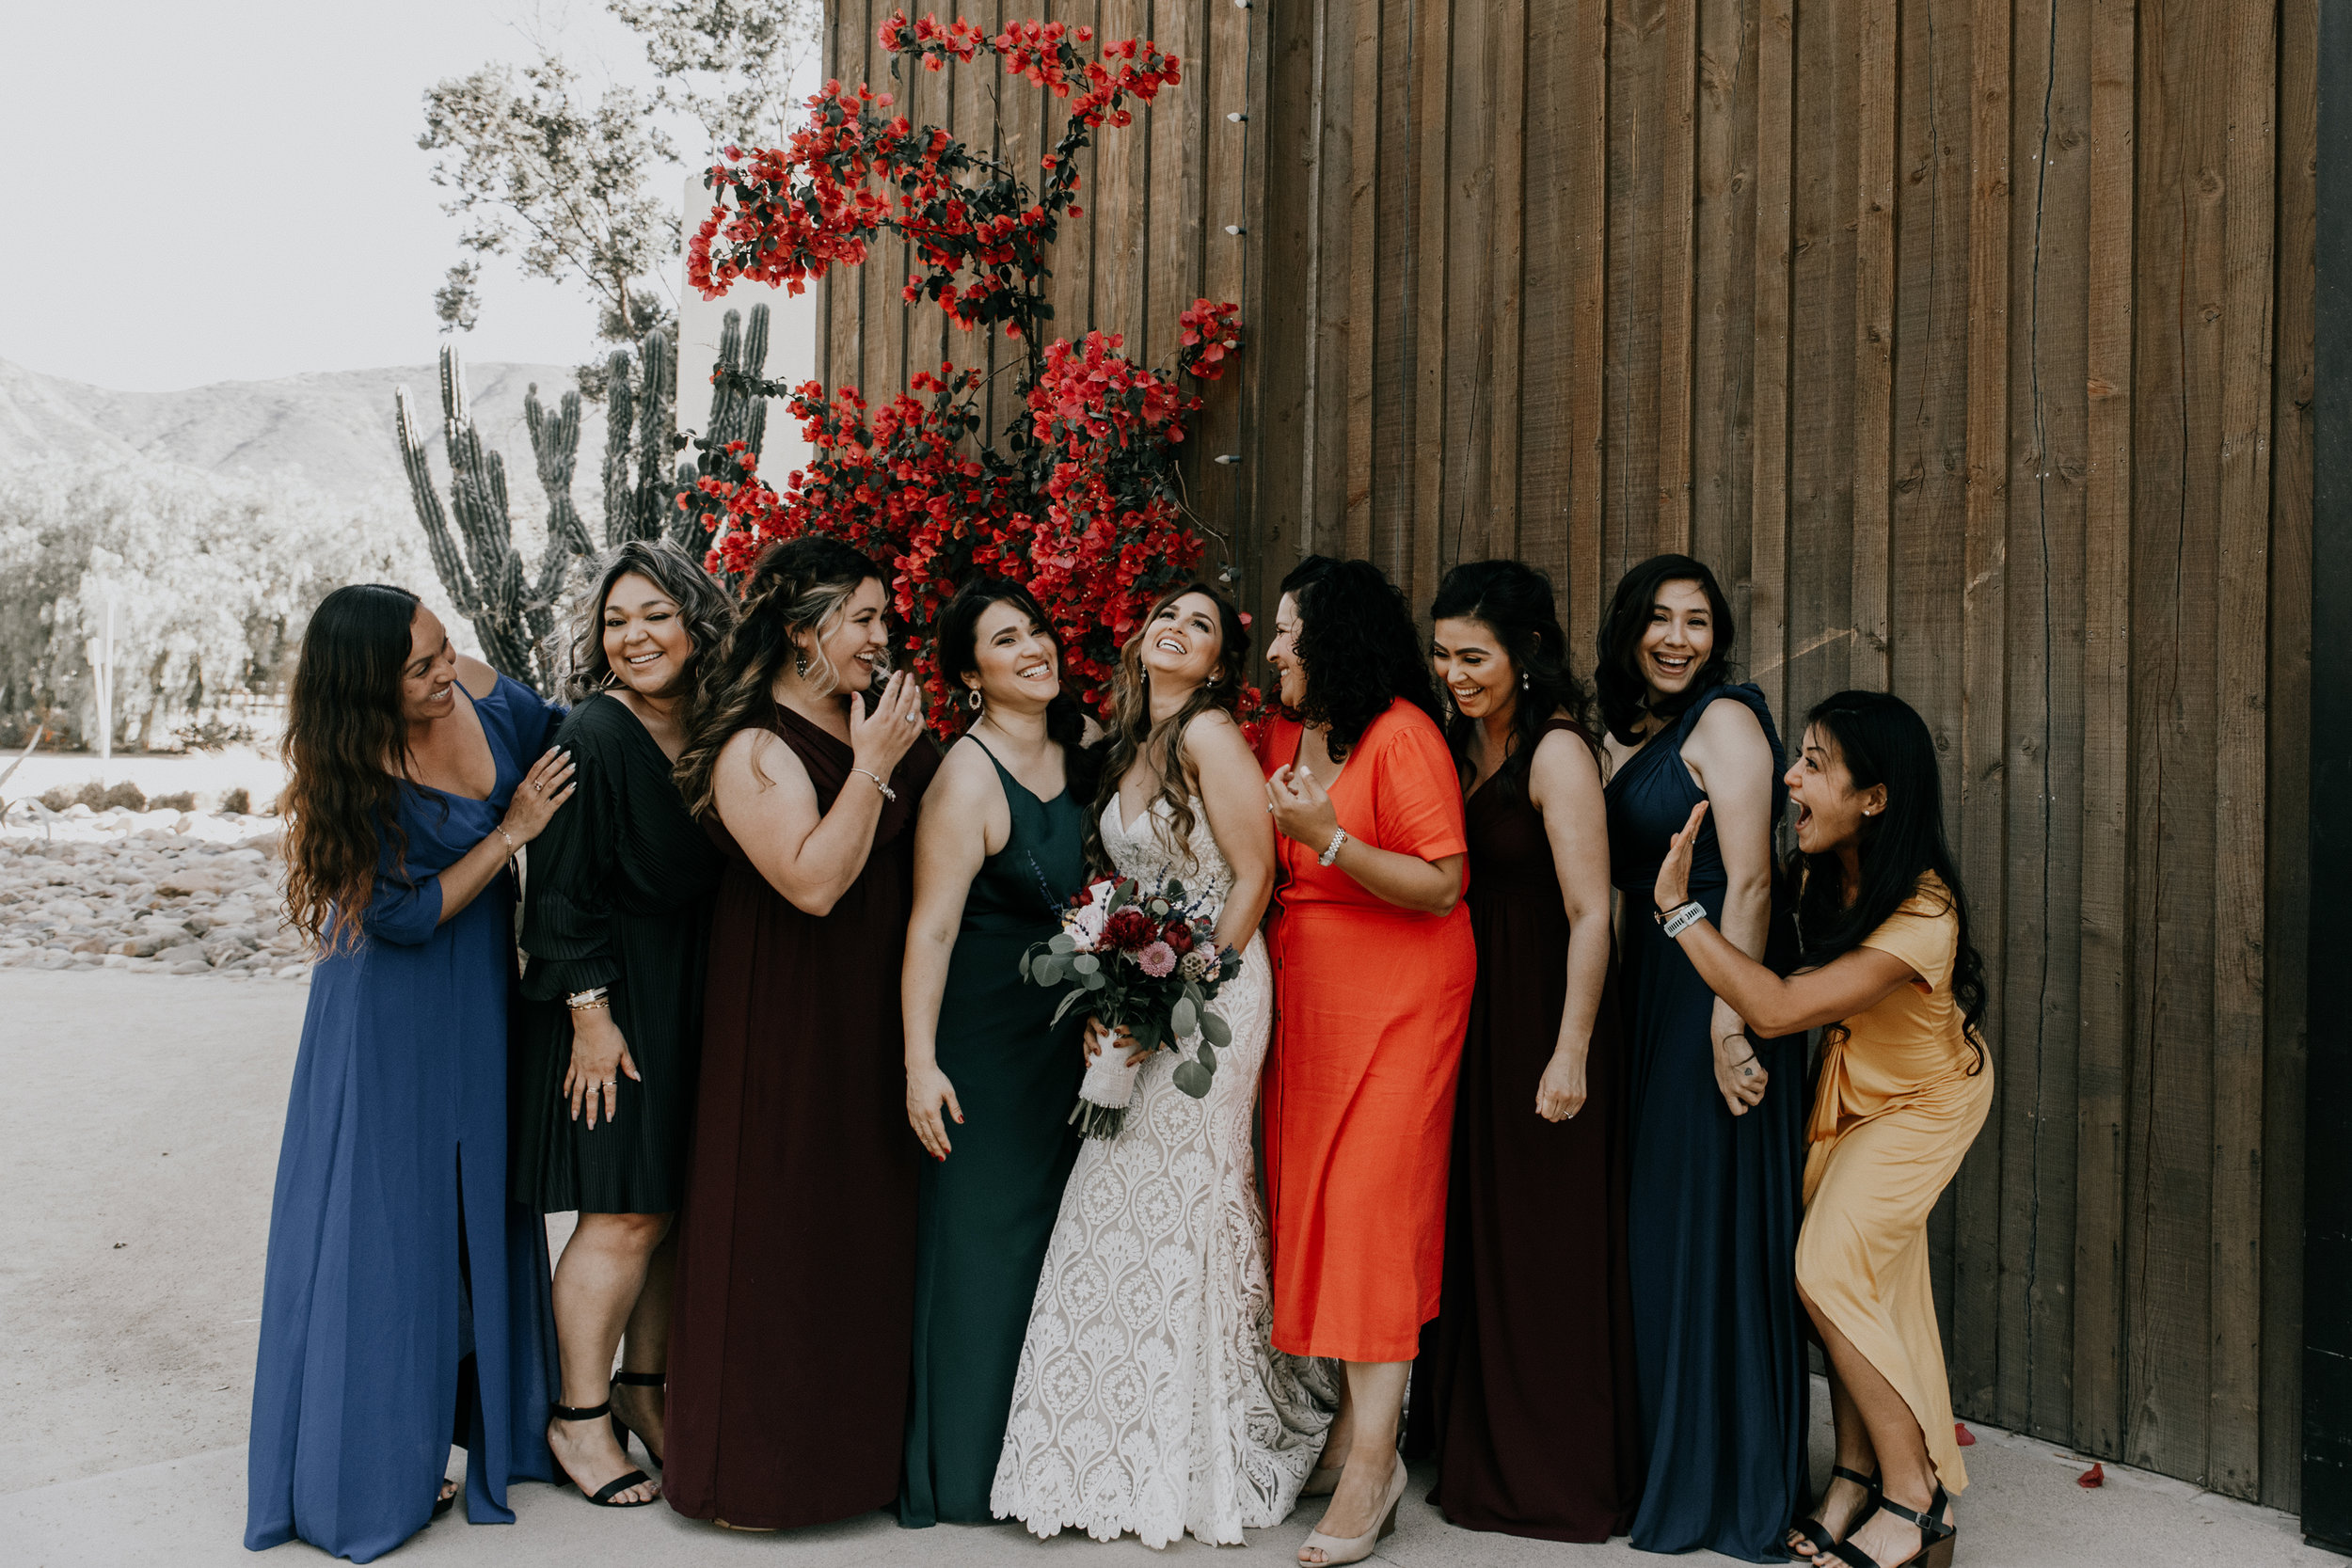 Bridesmaidphotos.jpg